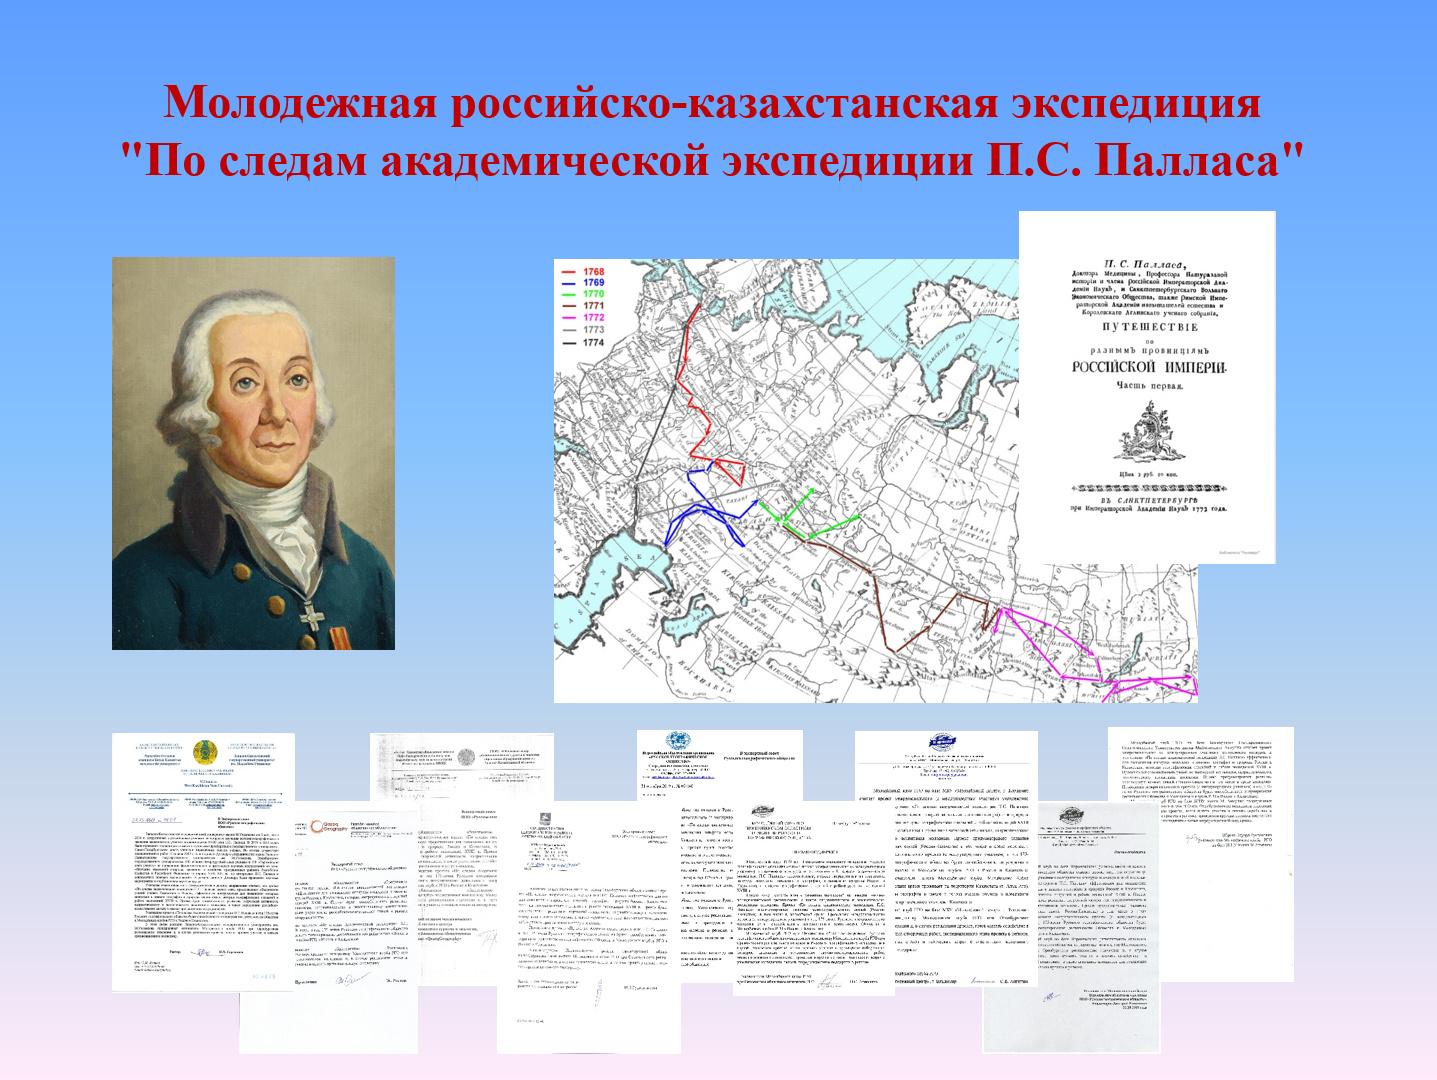 «По следам академической экспедиции П.С. Палласа» - проект новой российско-казахстанской молодежной экспедиции